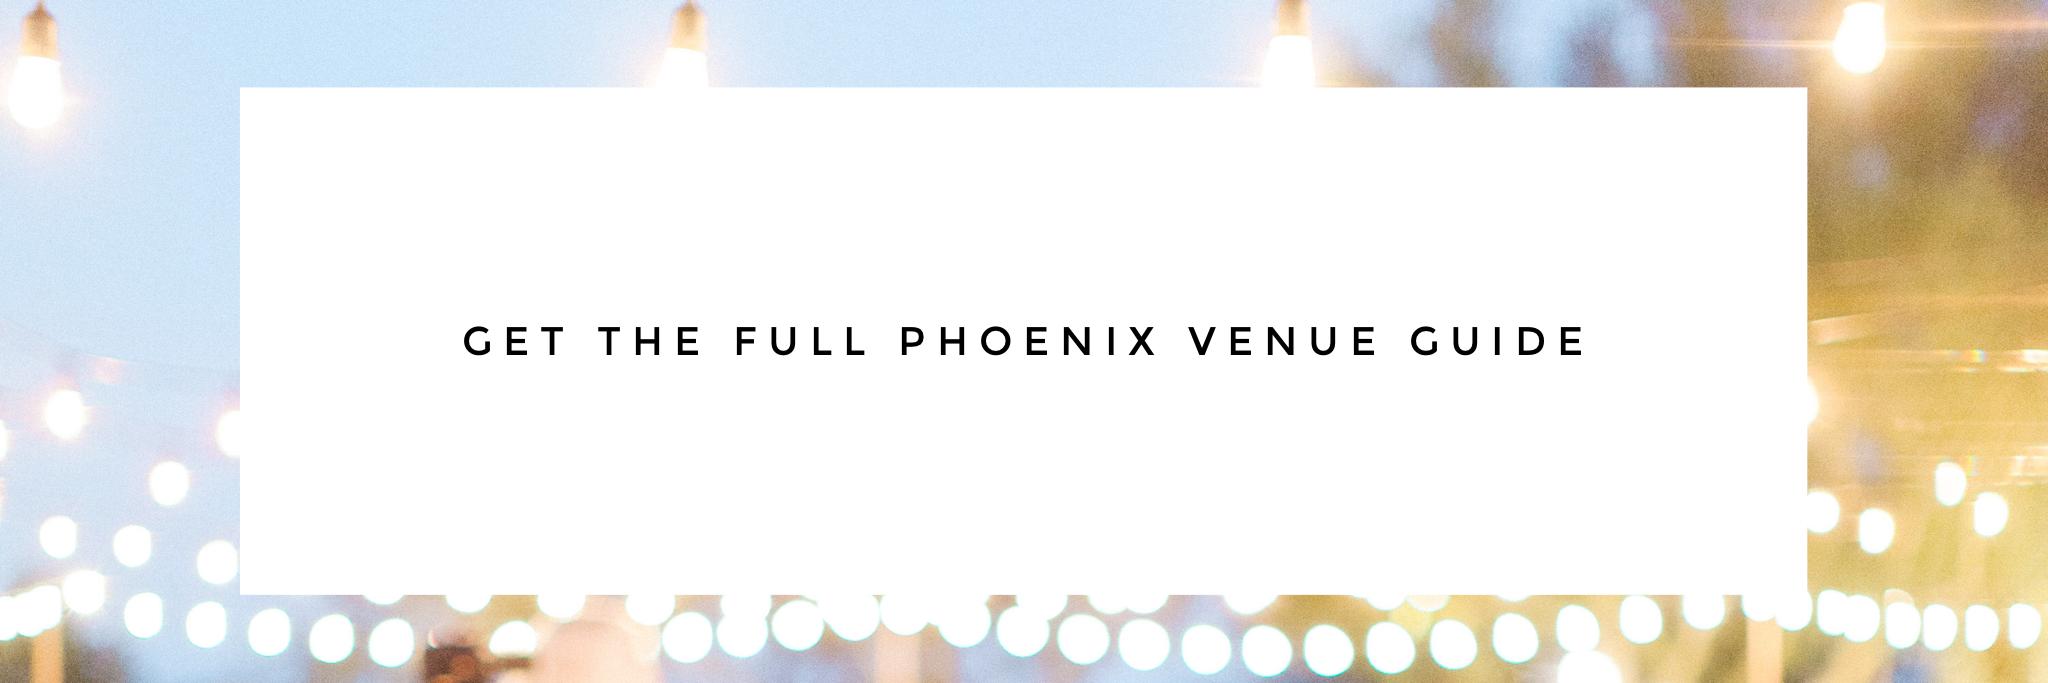 phoenix_venue_guide_horiz.PNG